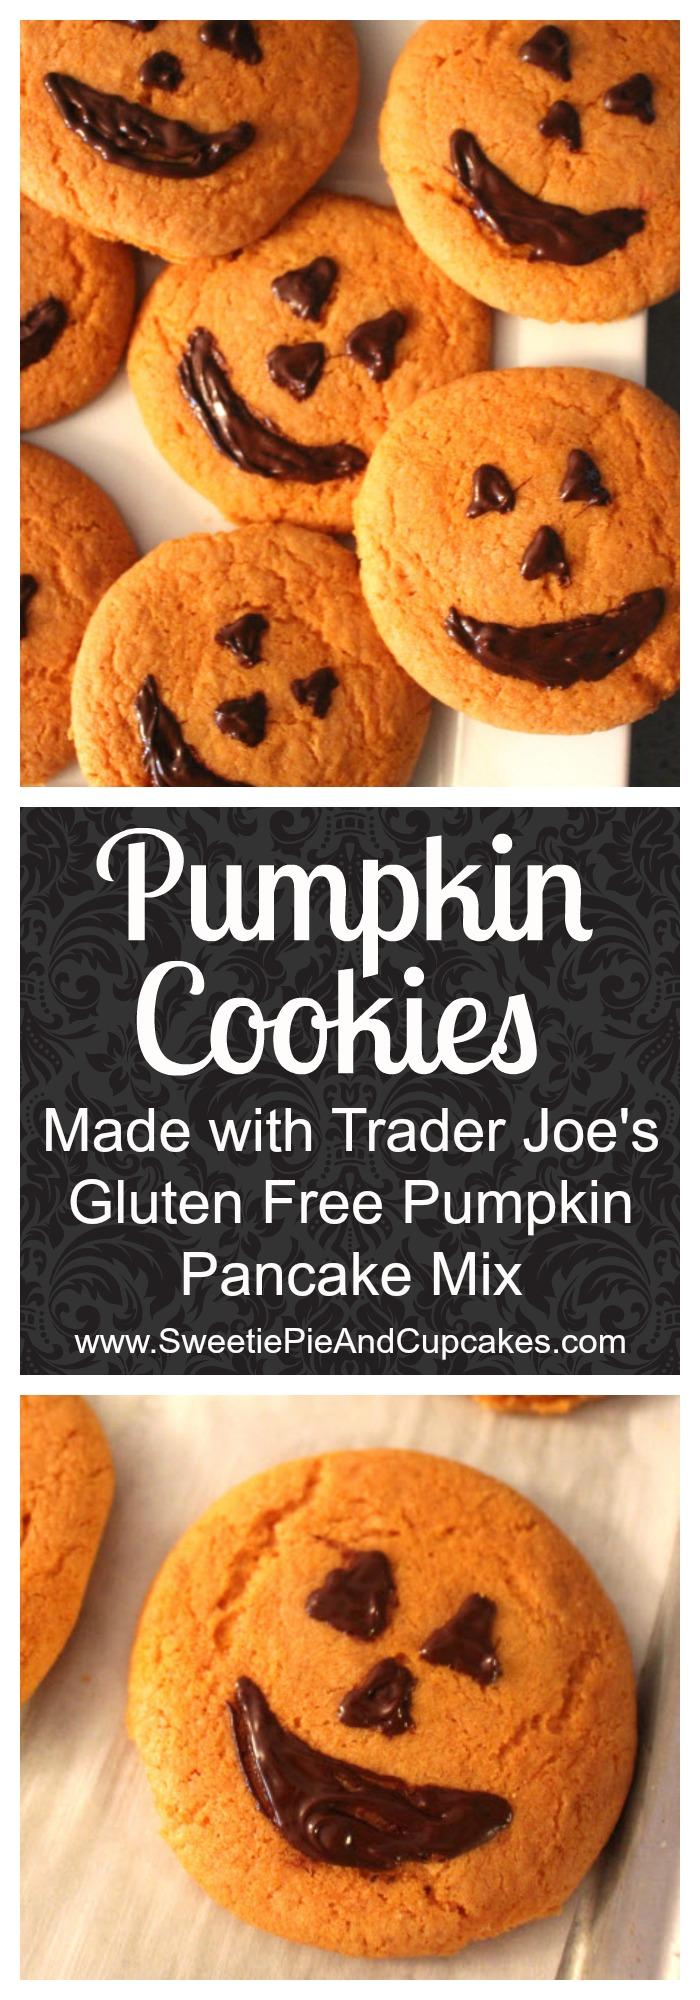 Gluten free pumpkin cookies perfect for healthy Halloween treat